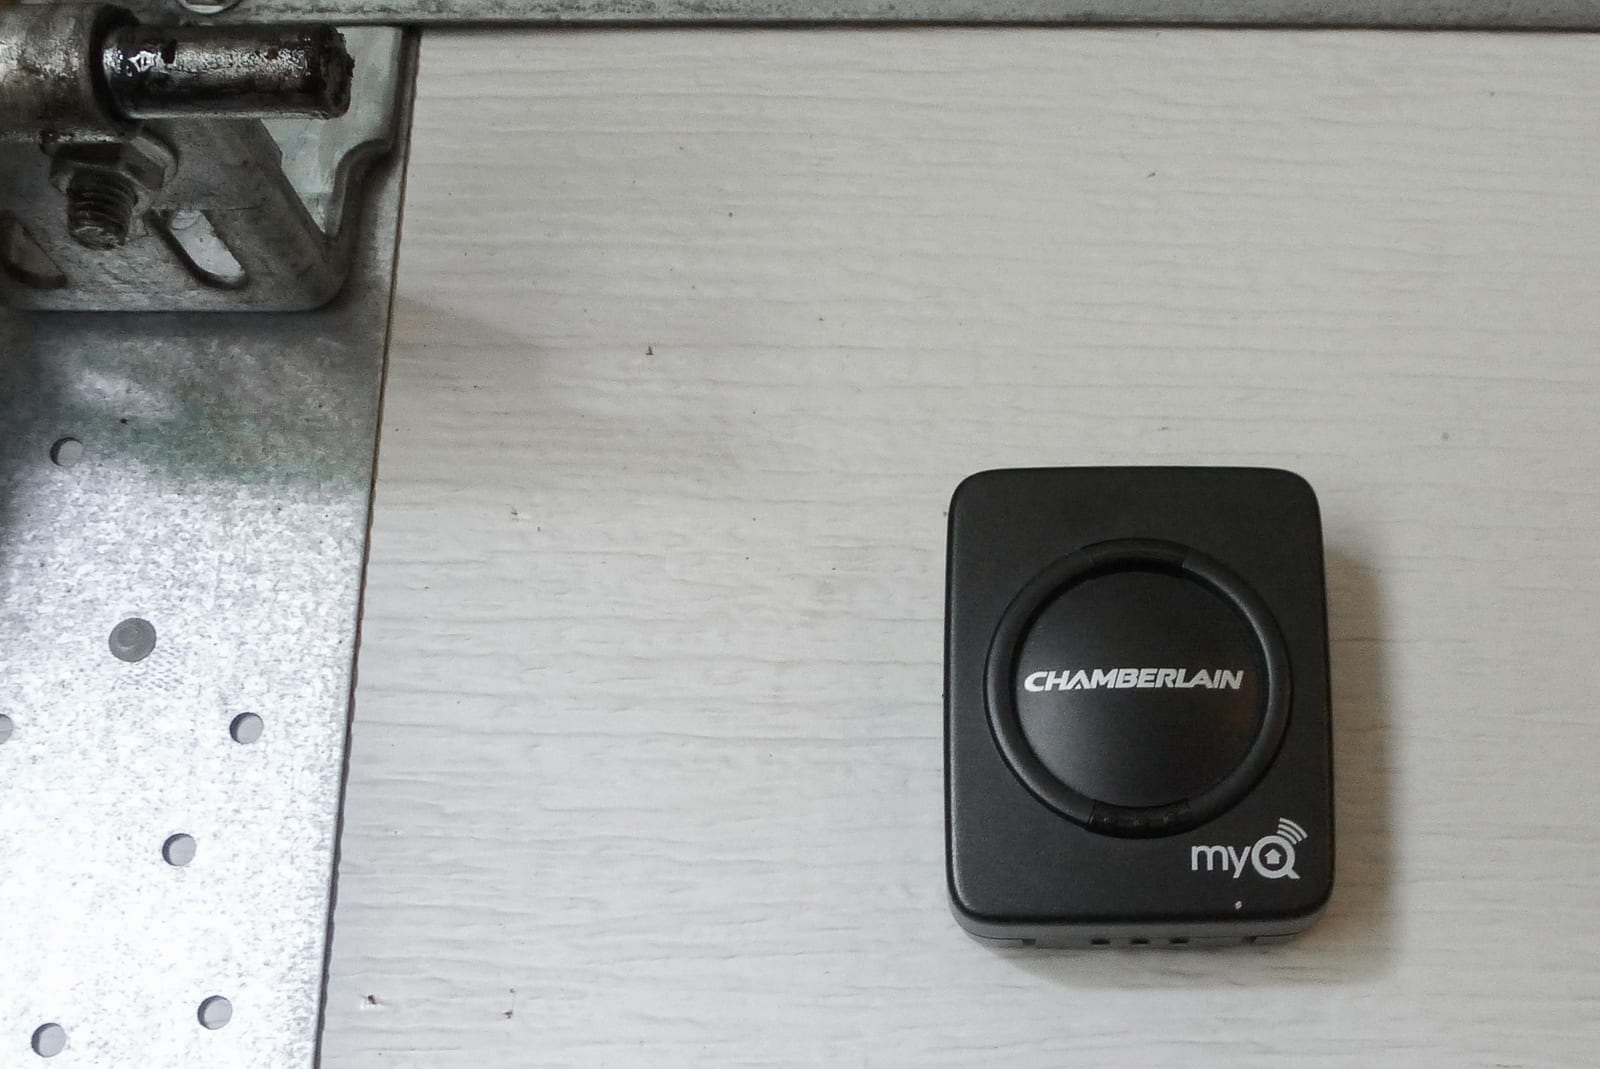 Smart garage-door controller